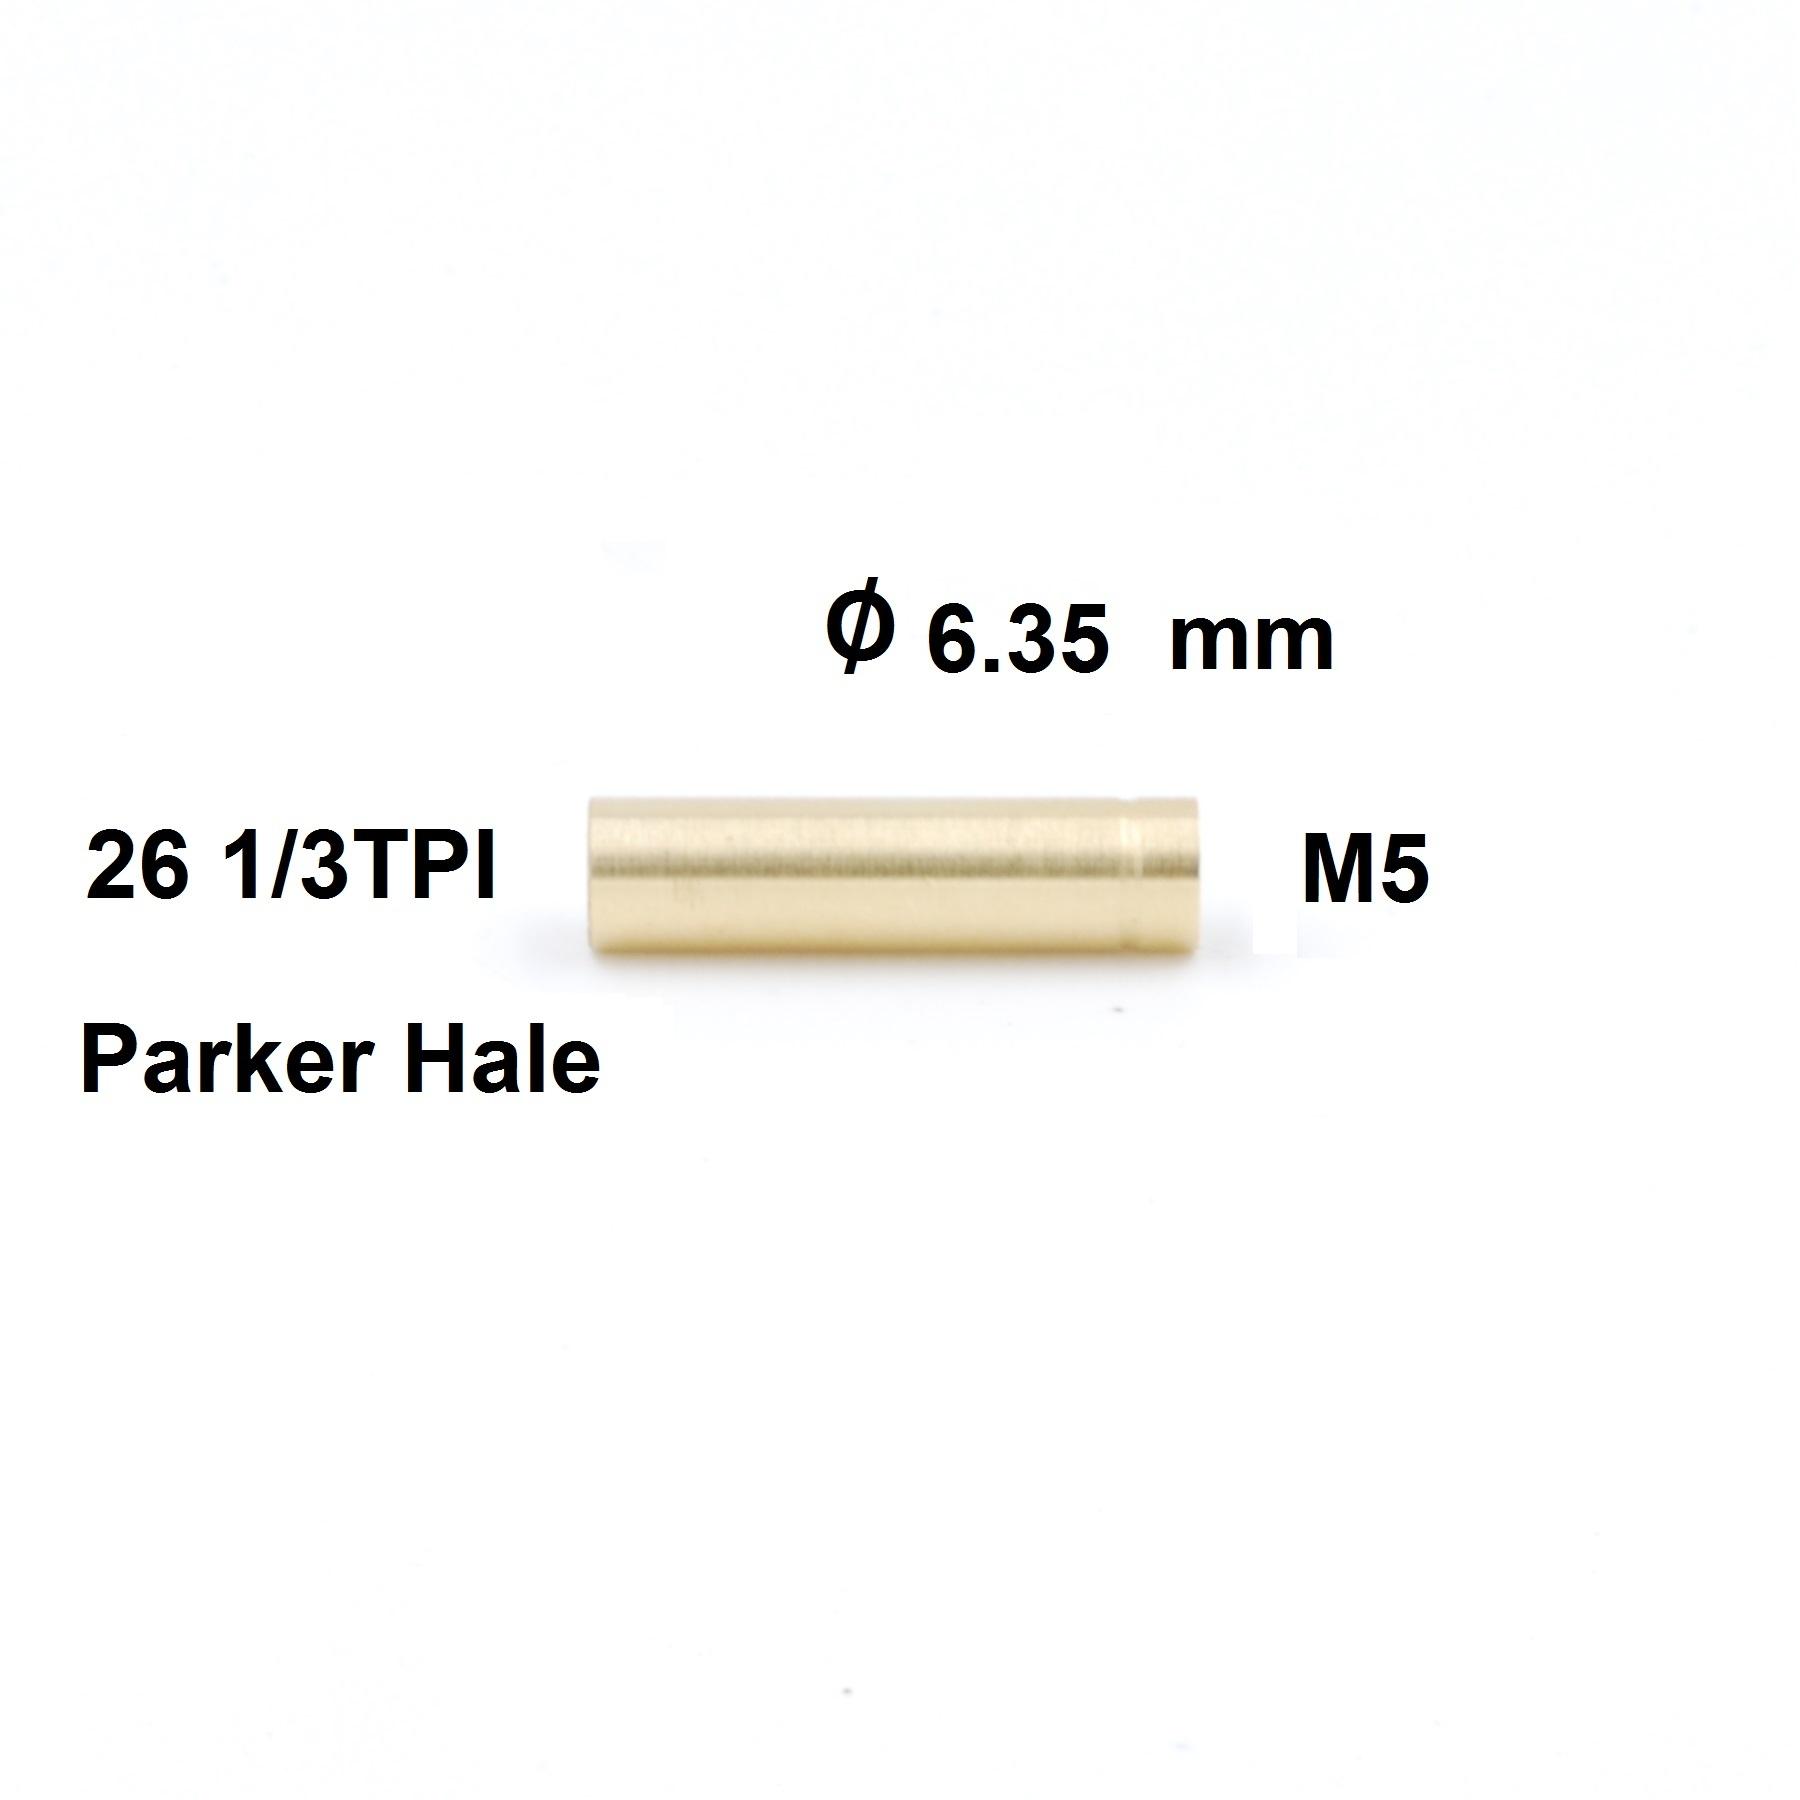 Poetsstok Adapter Parker Hale binnendraad  - M5 binnendraad